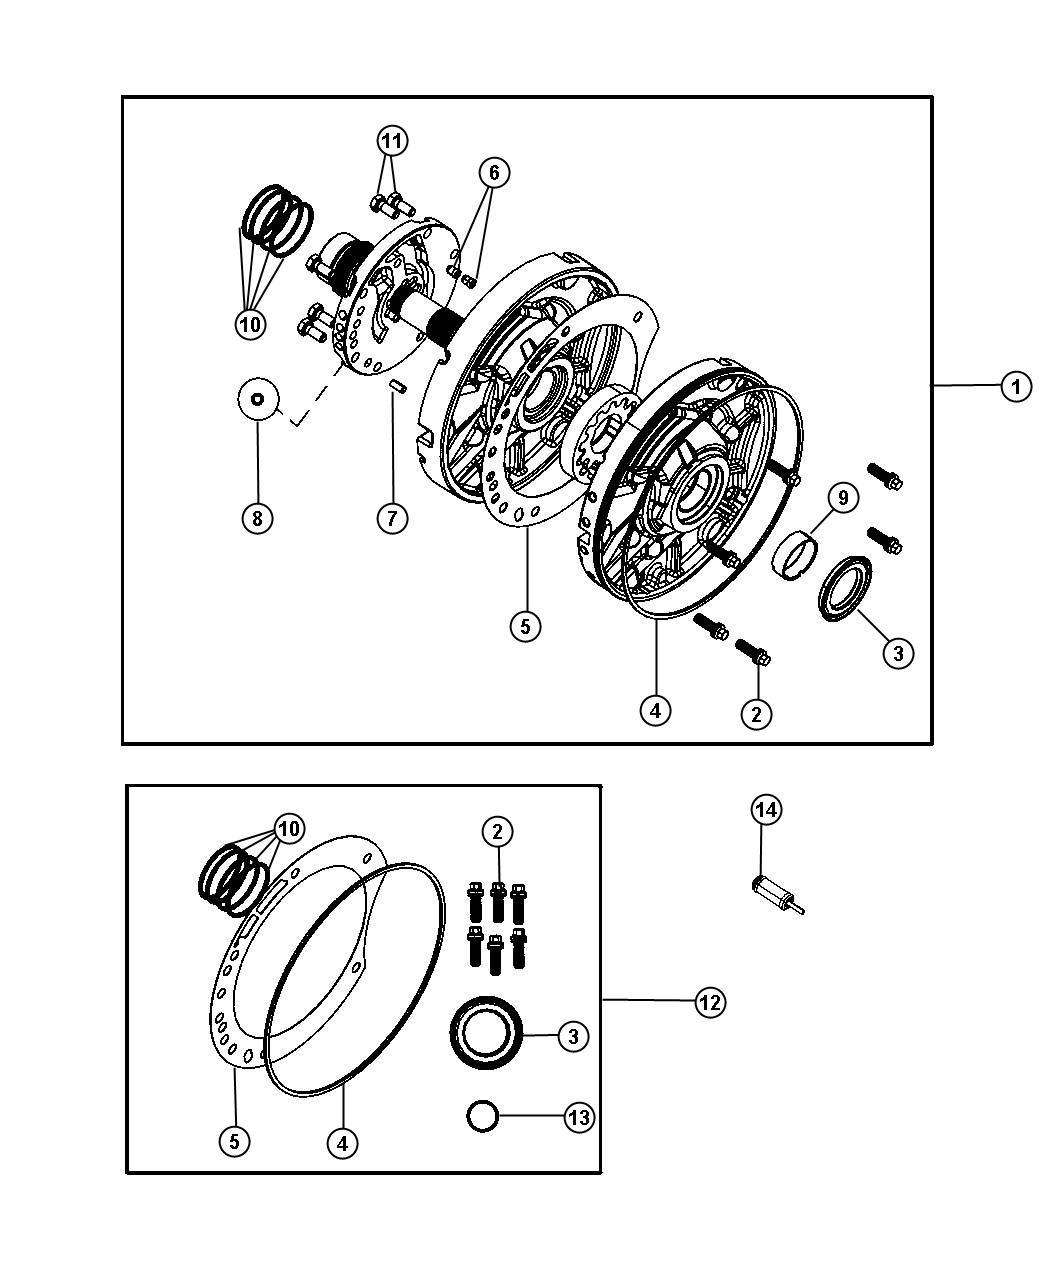 Jeep Wrangler Gasket Transmission Oil Pump Transmission Oil Pump Mounting Oil Pump